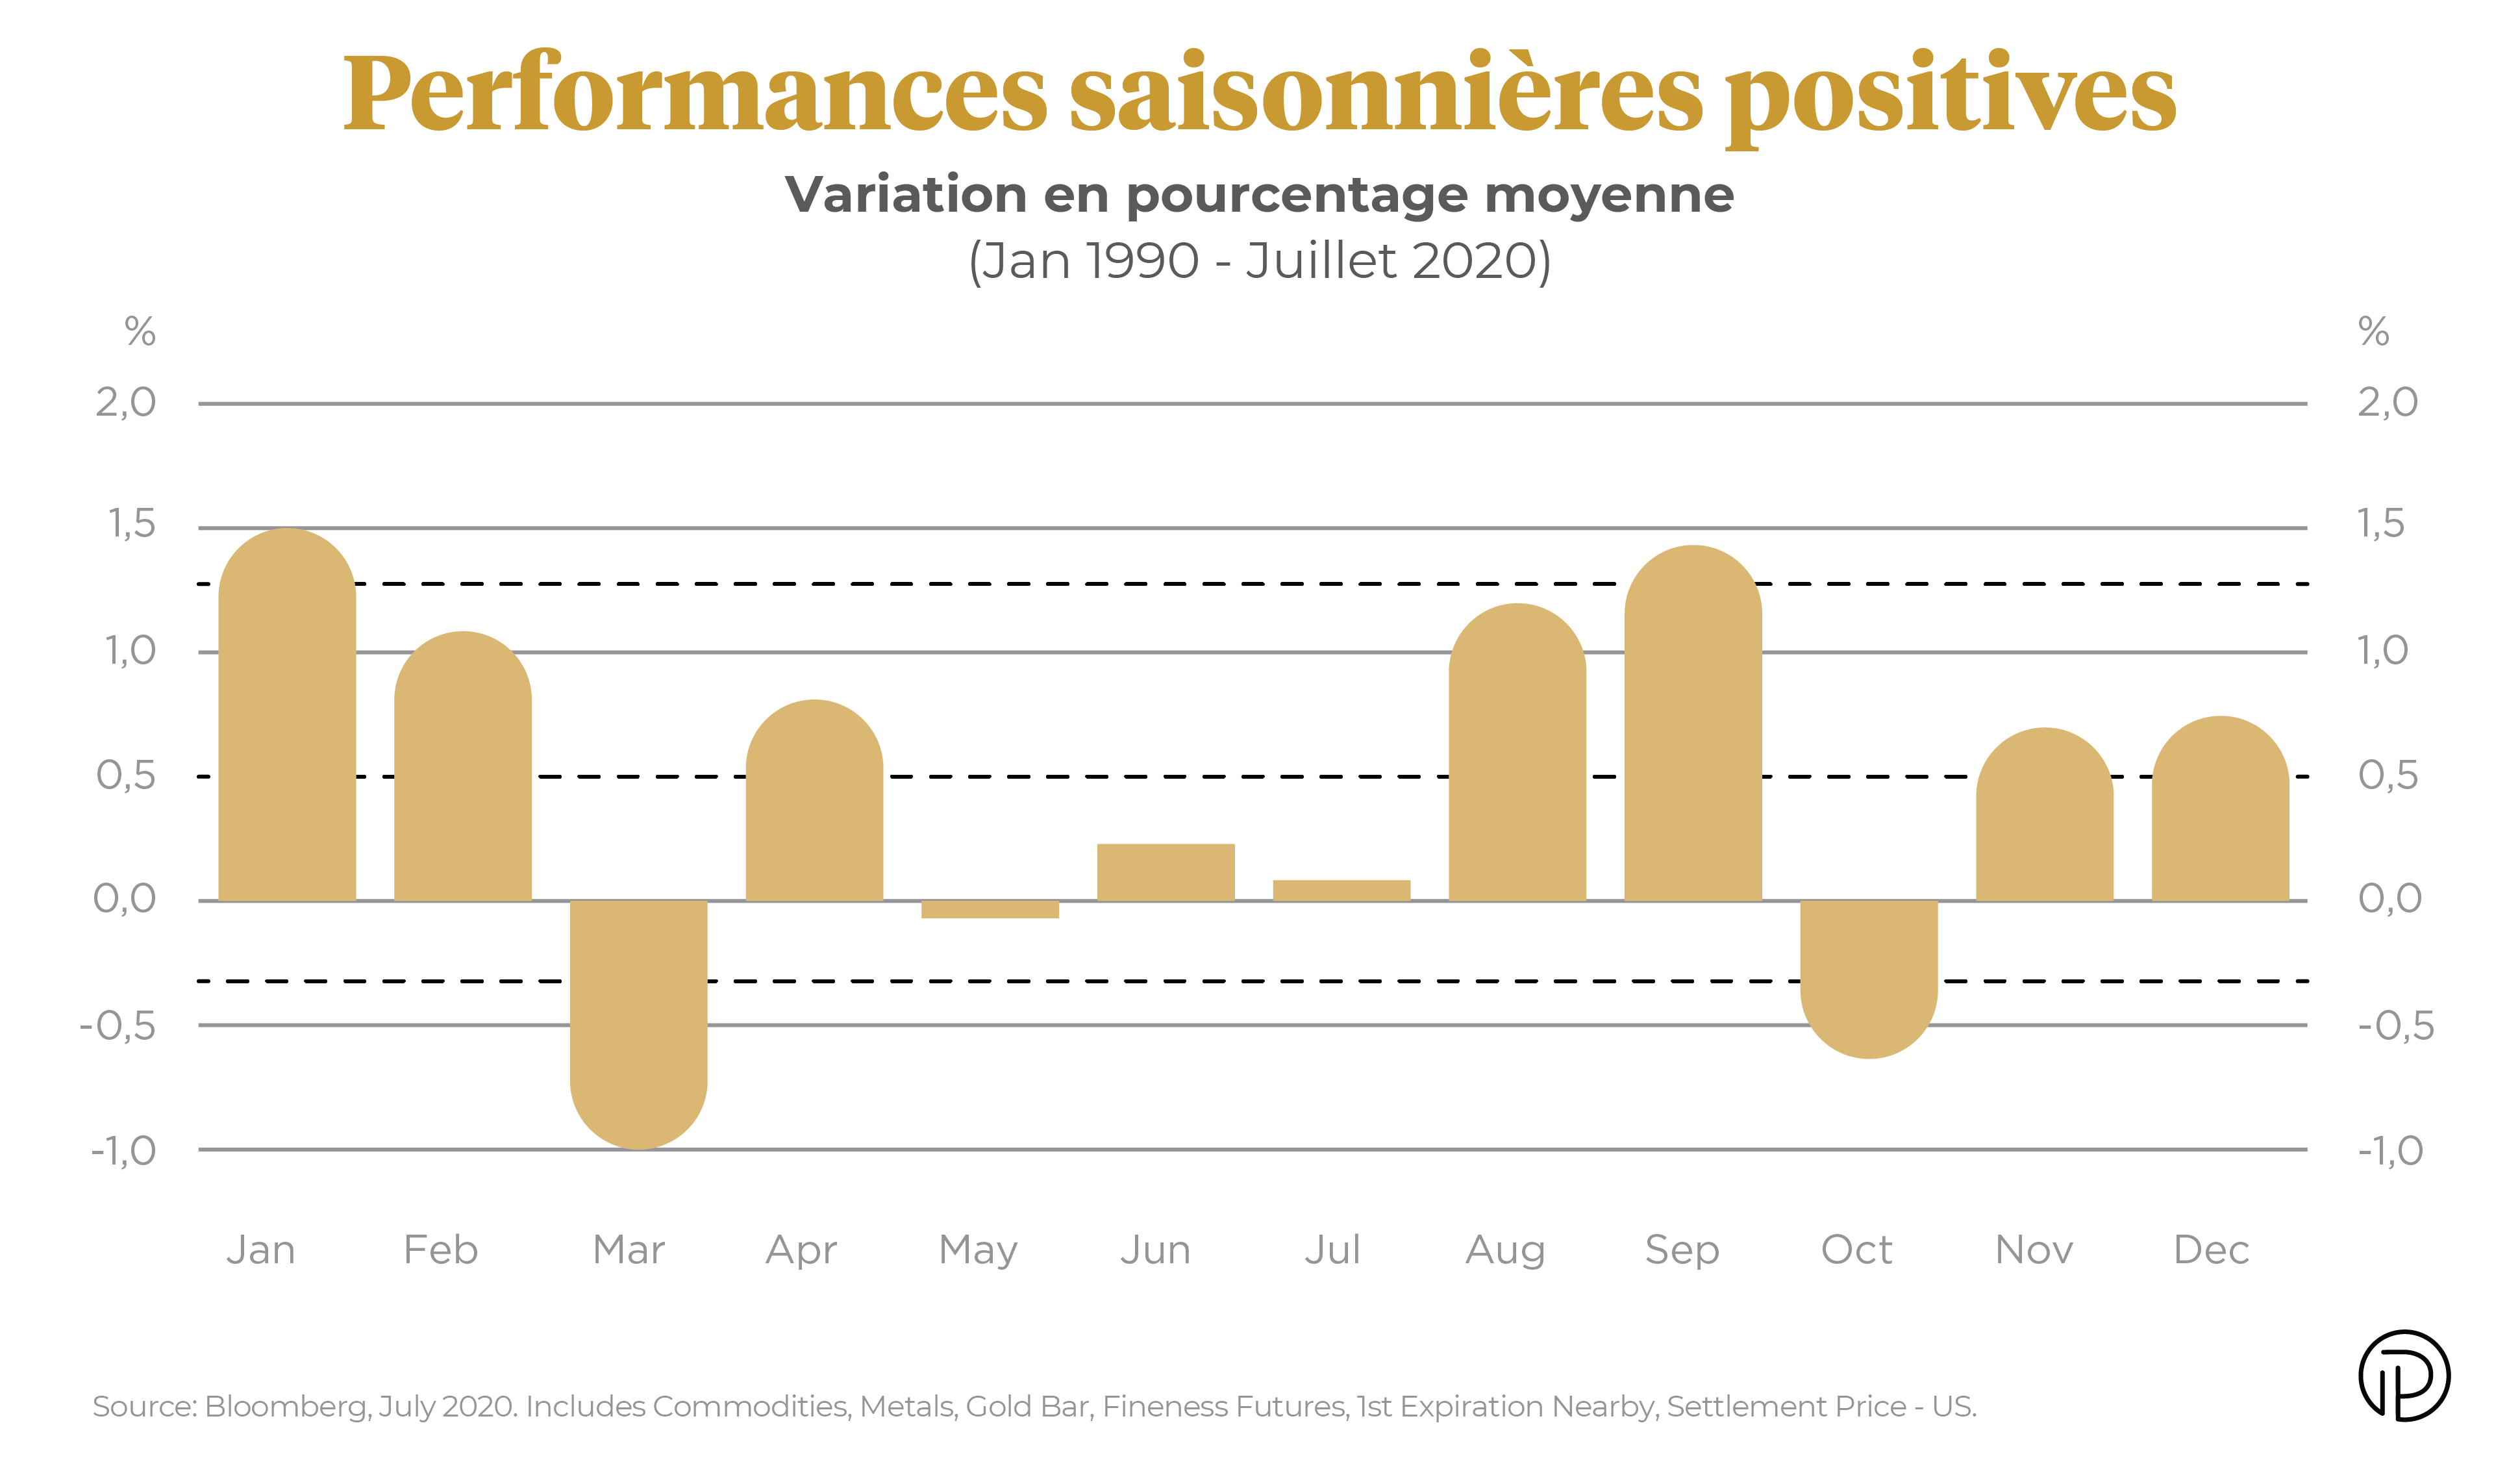 Performances saisonnières positives